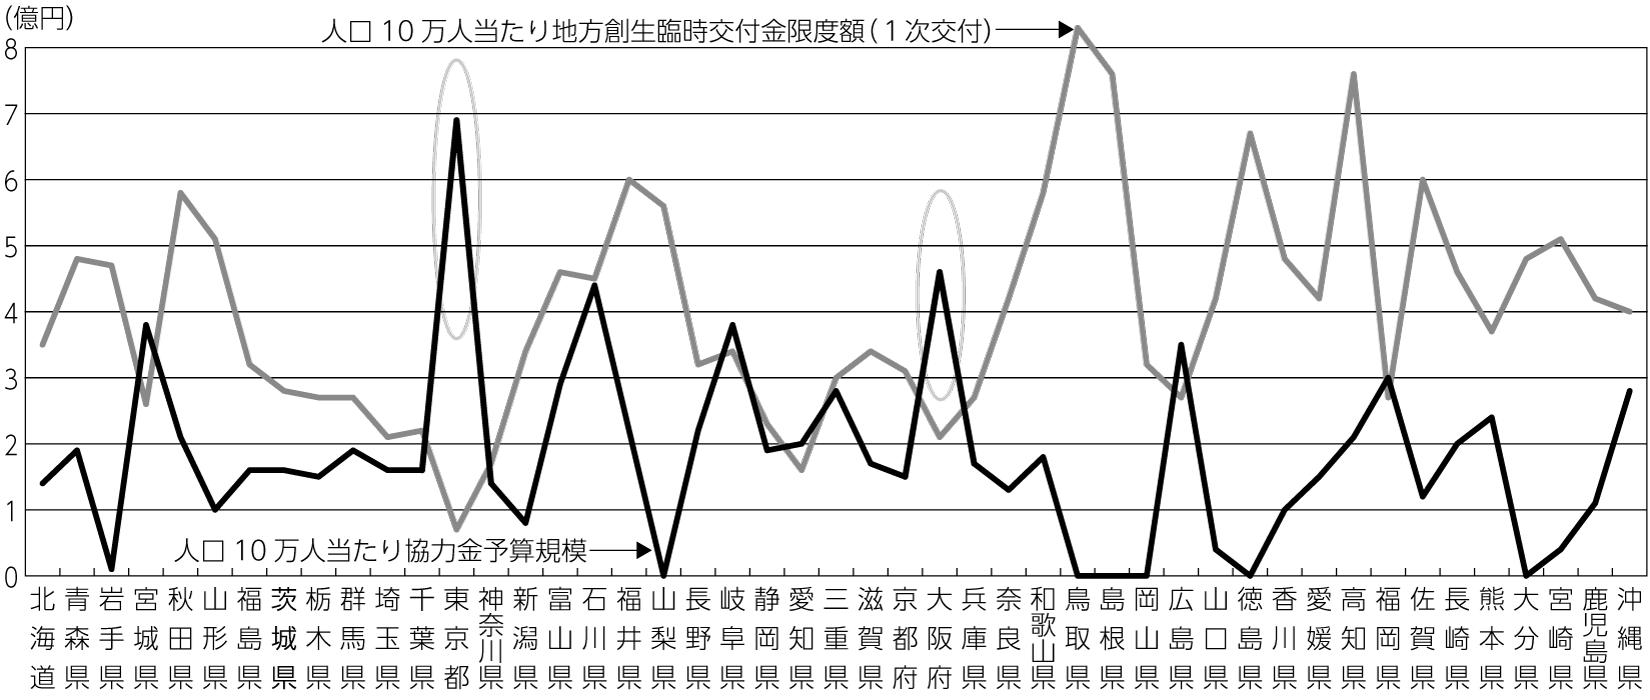 図1 人口10万人当たり都道府県の休業協力金予算規模と地方創生臨時交付金限度額(一次分)